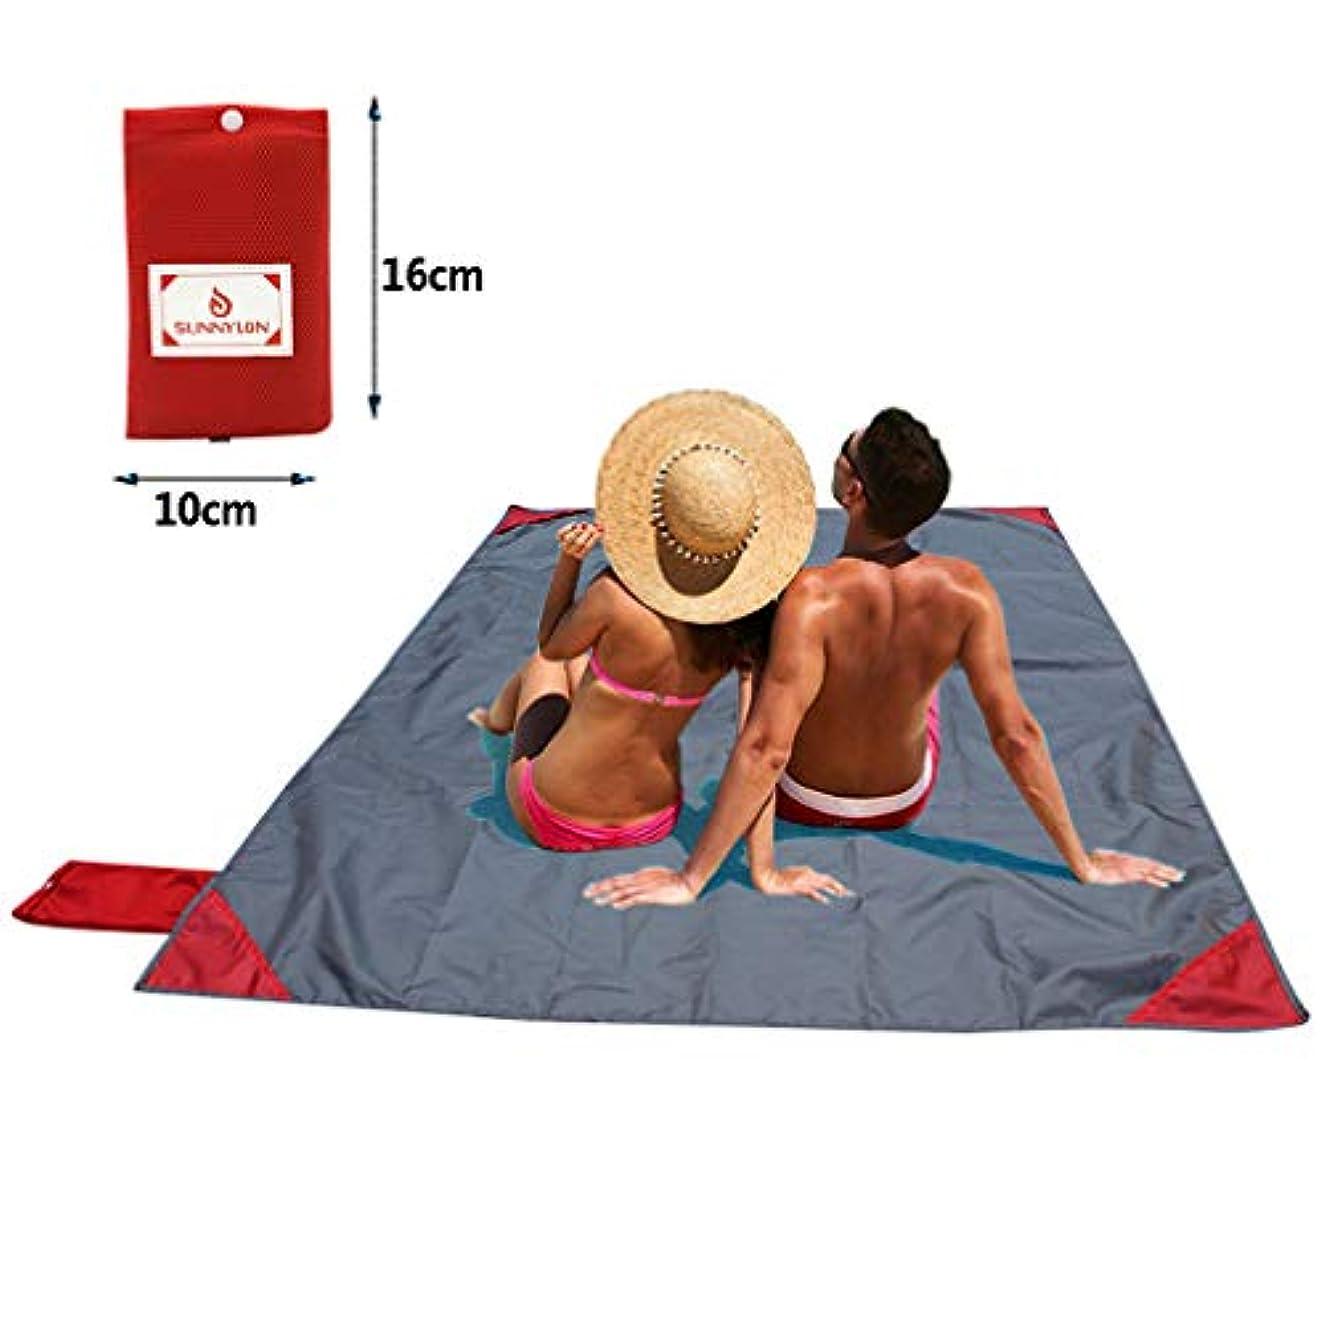 誰か香ばしい怒るピクニック毛布、100×140 cmポケットサイズポータブル&軽量防水ピクニックマット折りたたみ式ビーチ毛布,Red